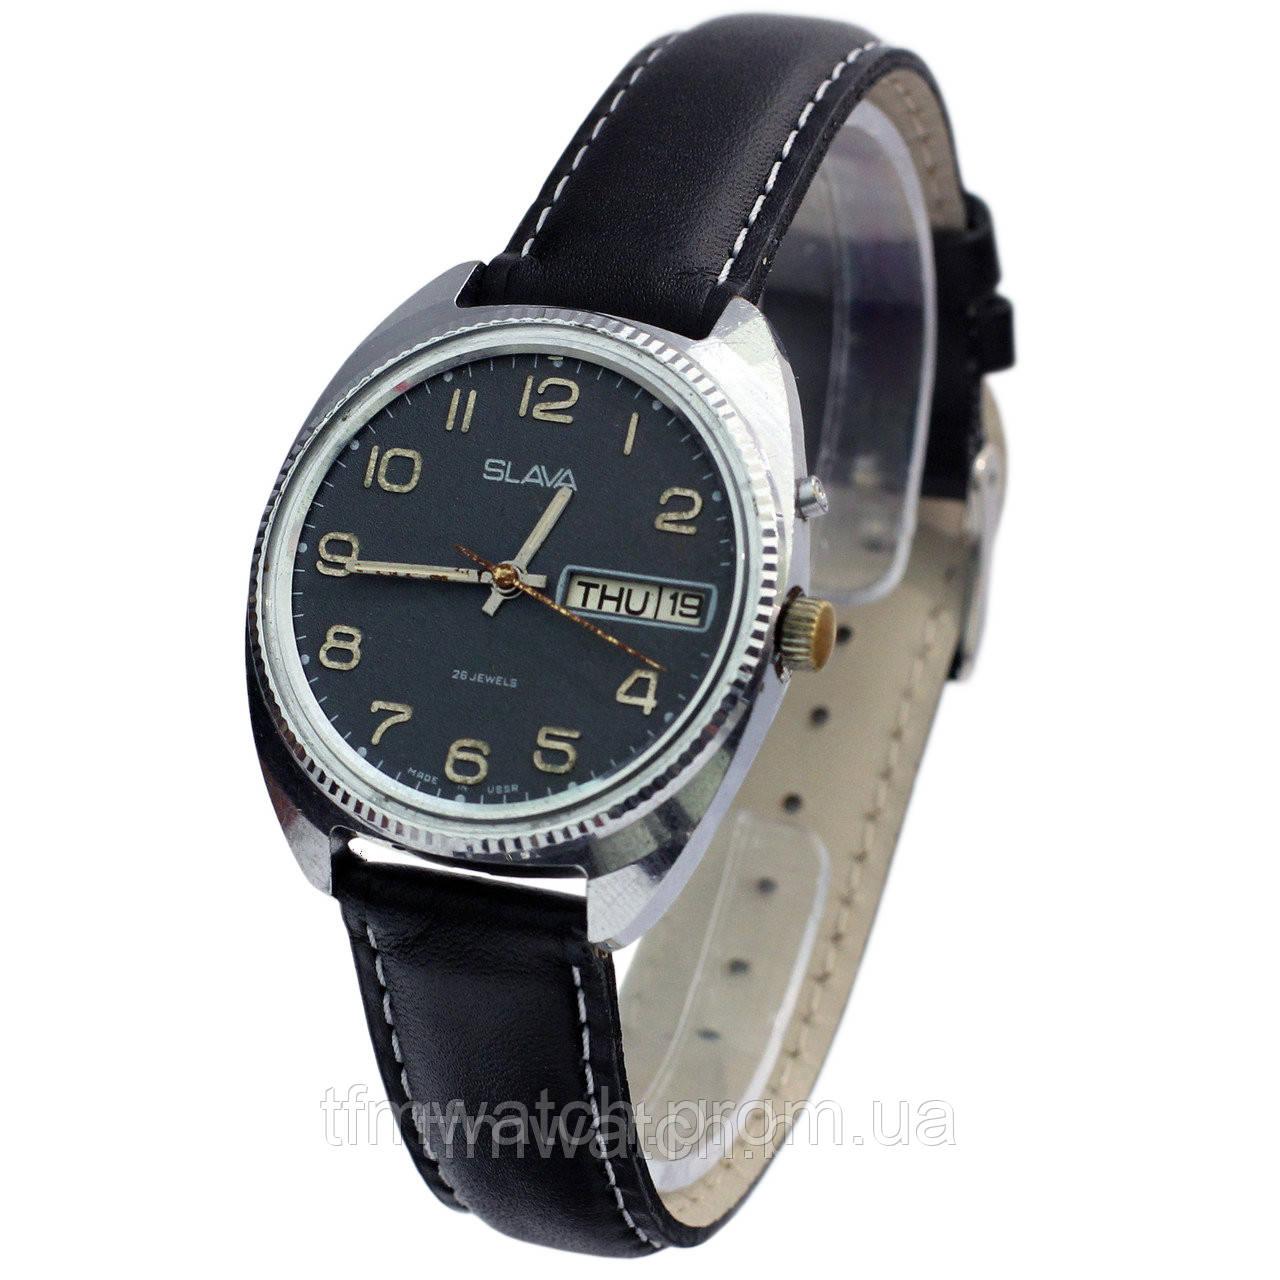 26 слава продать камней часы часы ulysse nardin продам